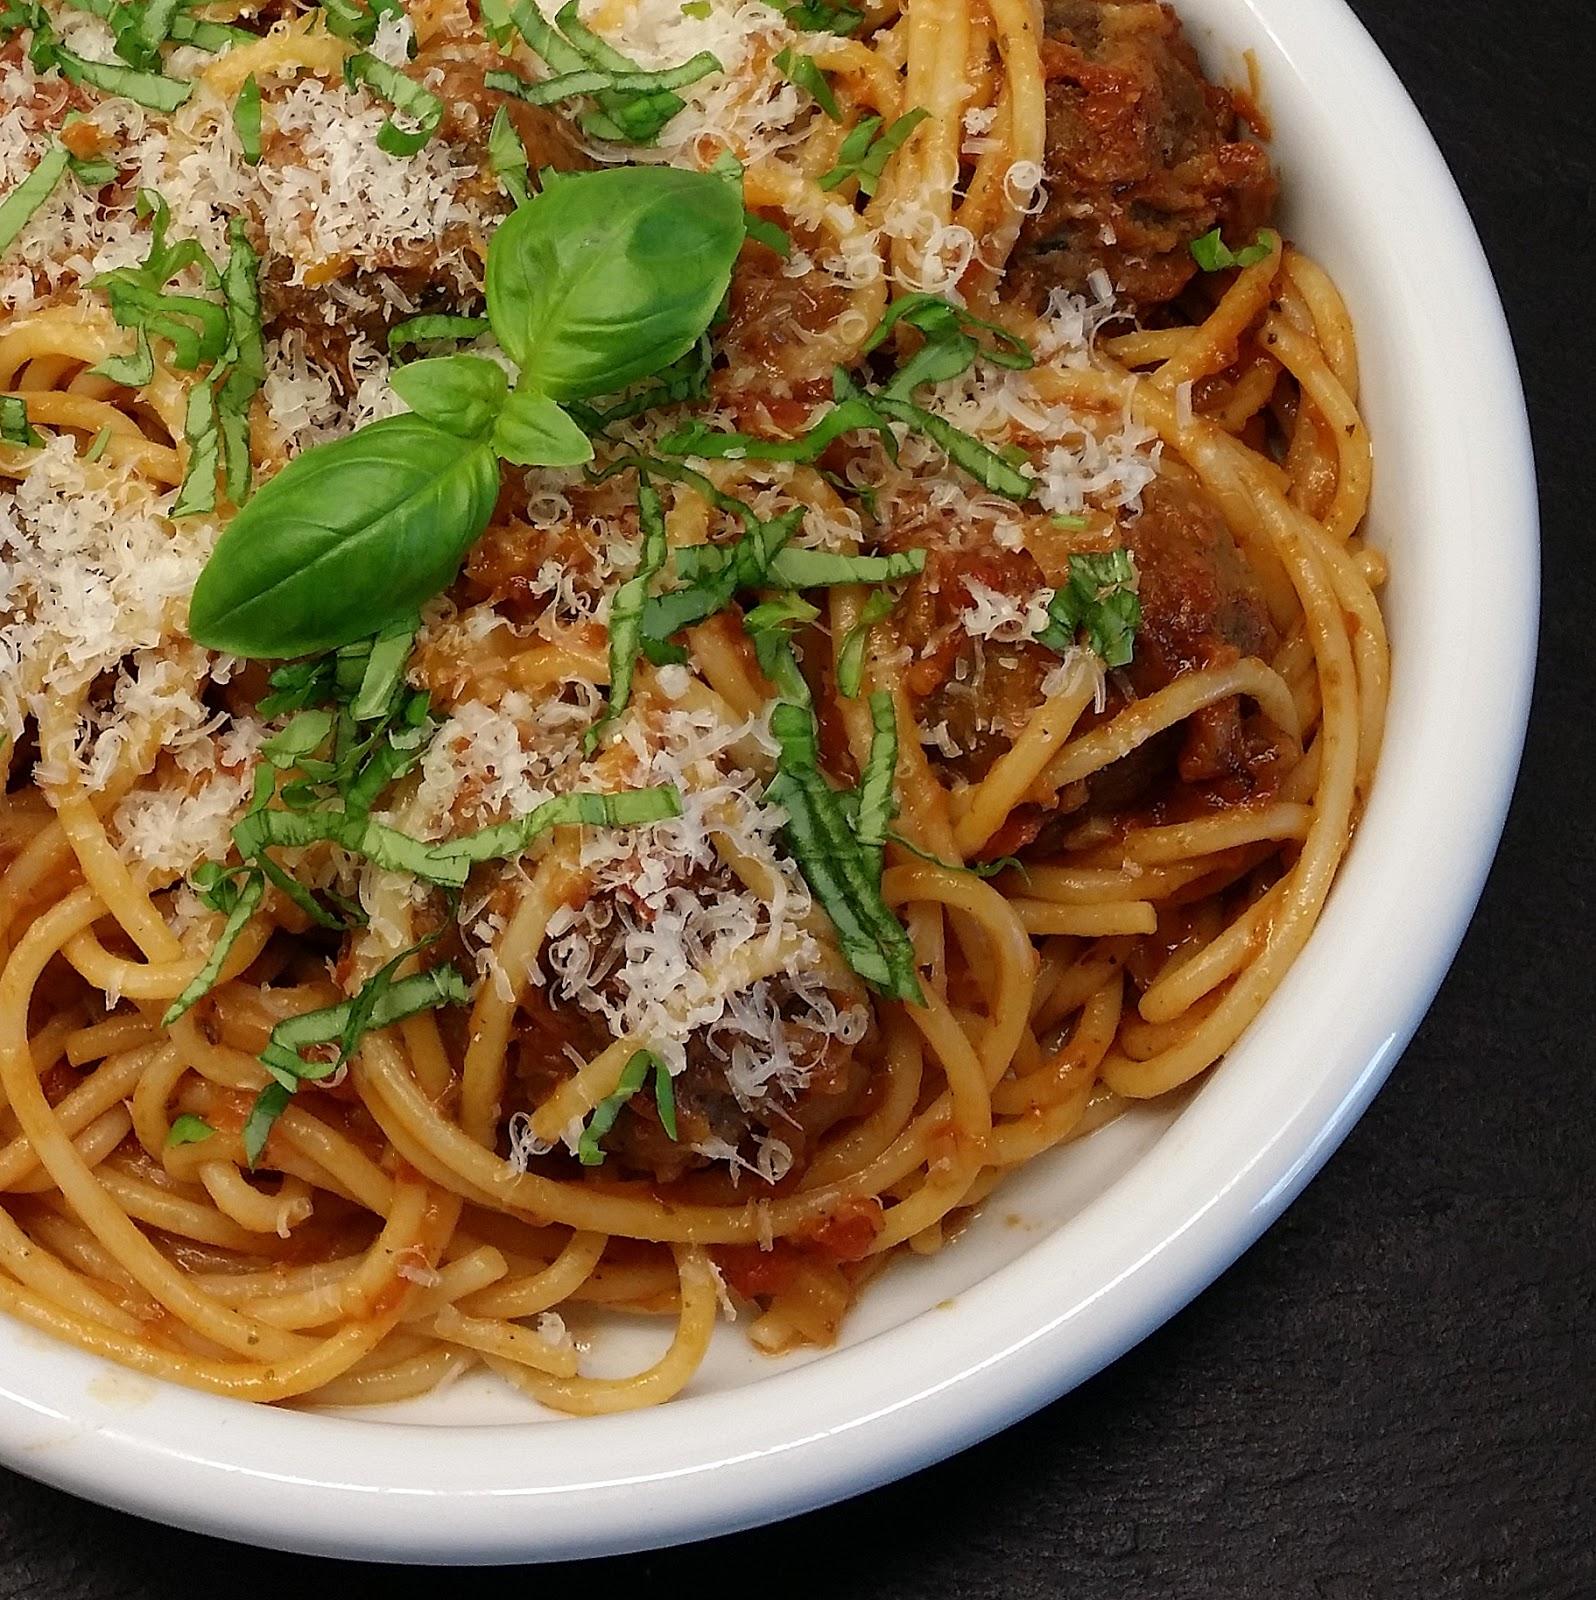 Klidmosterdk Saftige Italienske Meatballs I Langtidssimret Rustik